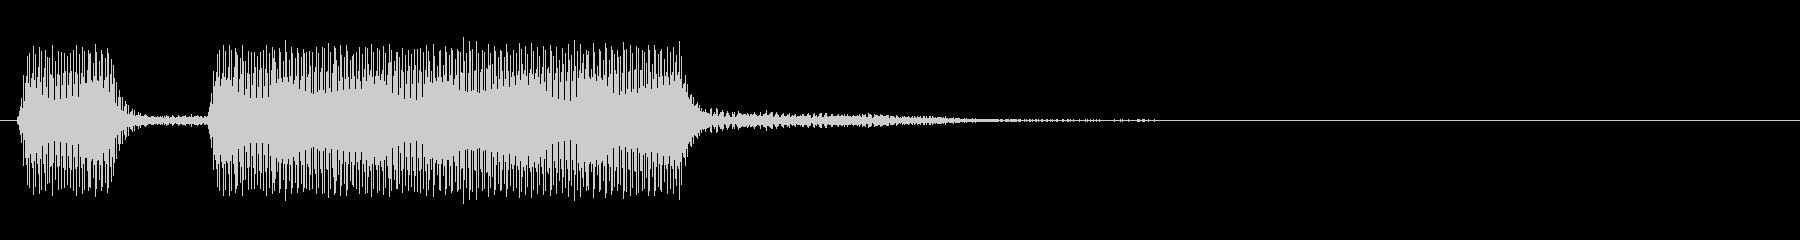 [ブブー] 不正解・エラー_鋸Mix 4の未再生の波形